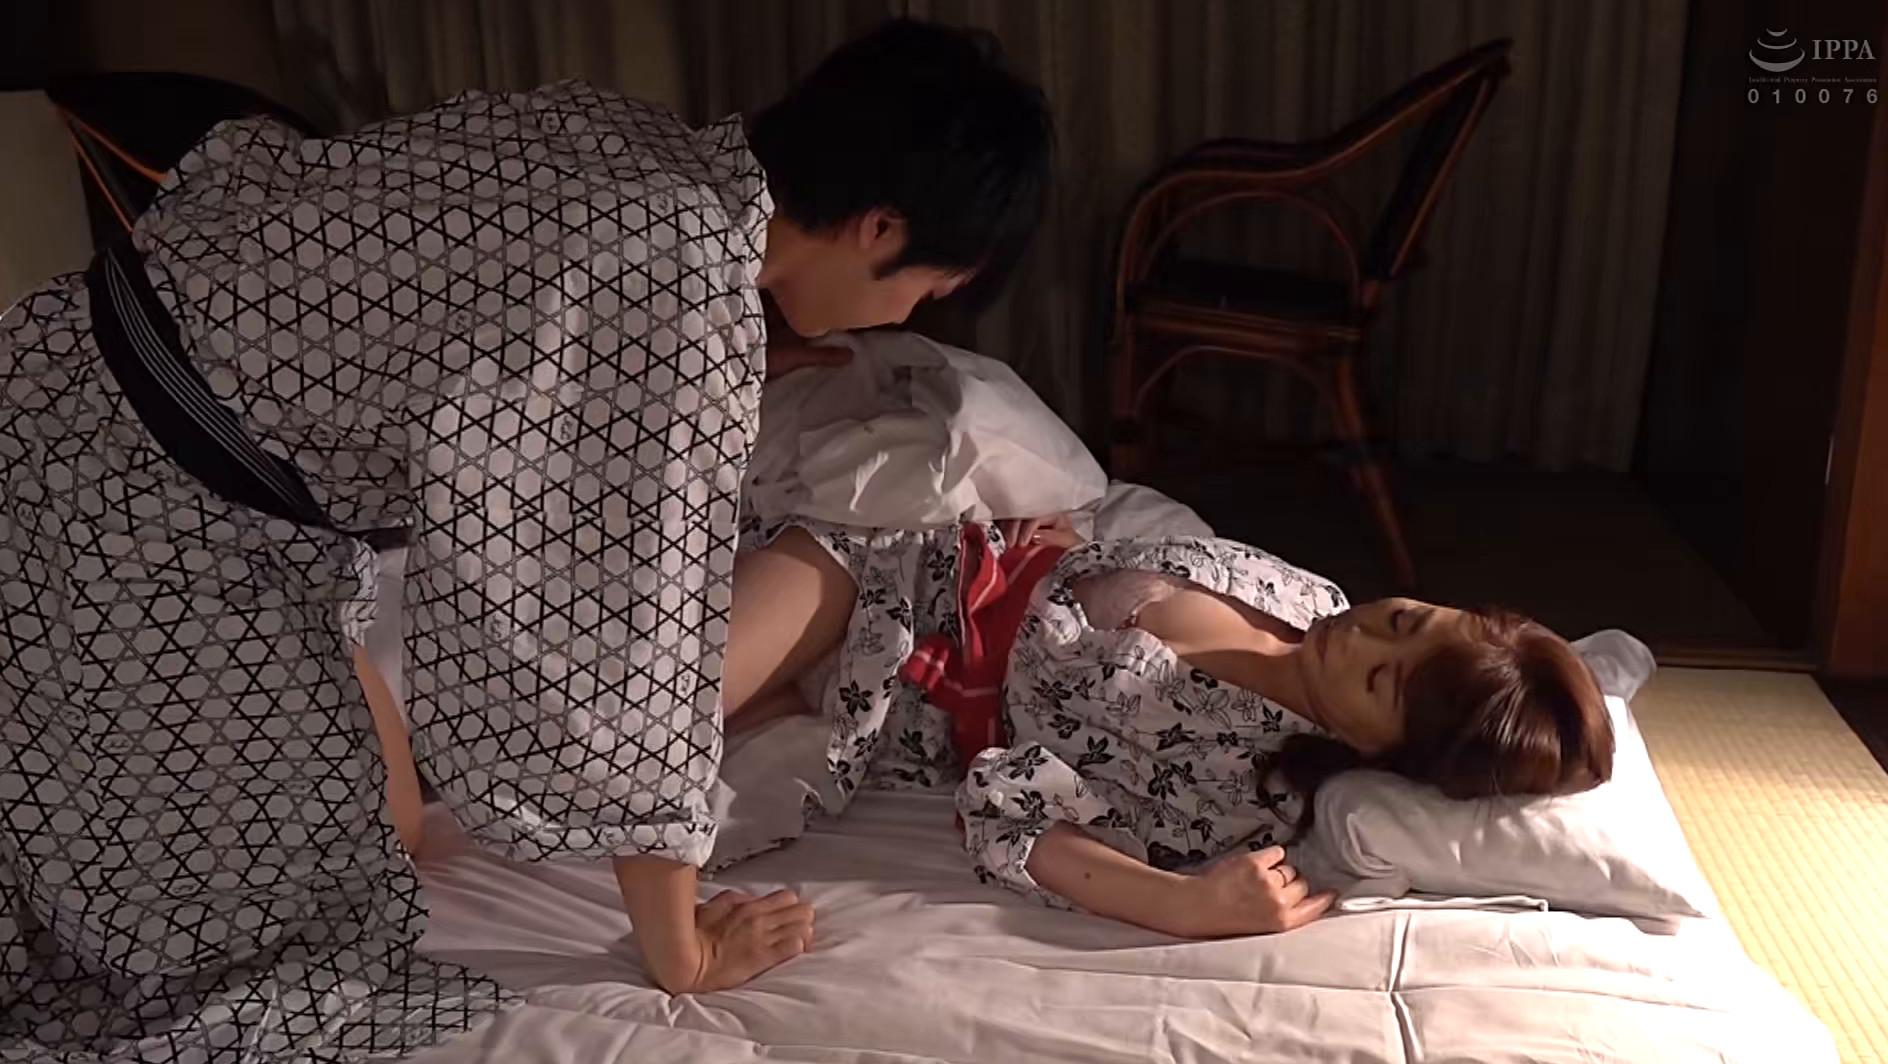 たびじ 母と子のふたり旅 佐倉由美子,のサンプル画像6